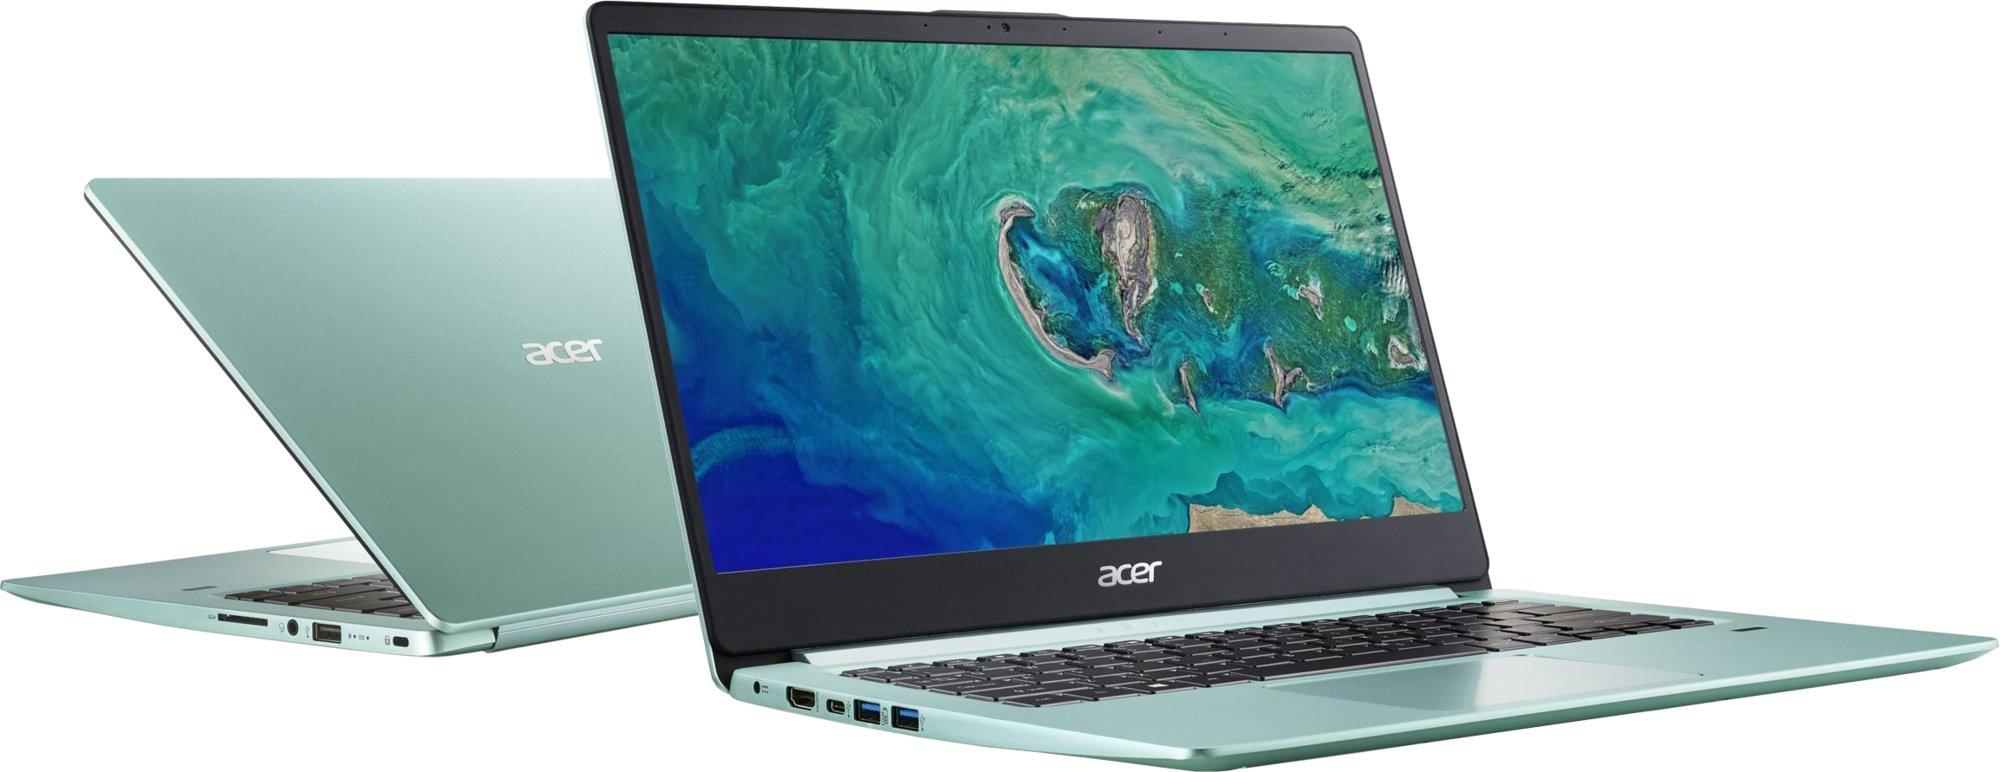 Acer Swift 1 SF114-32-P5EC